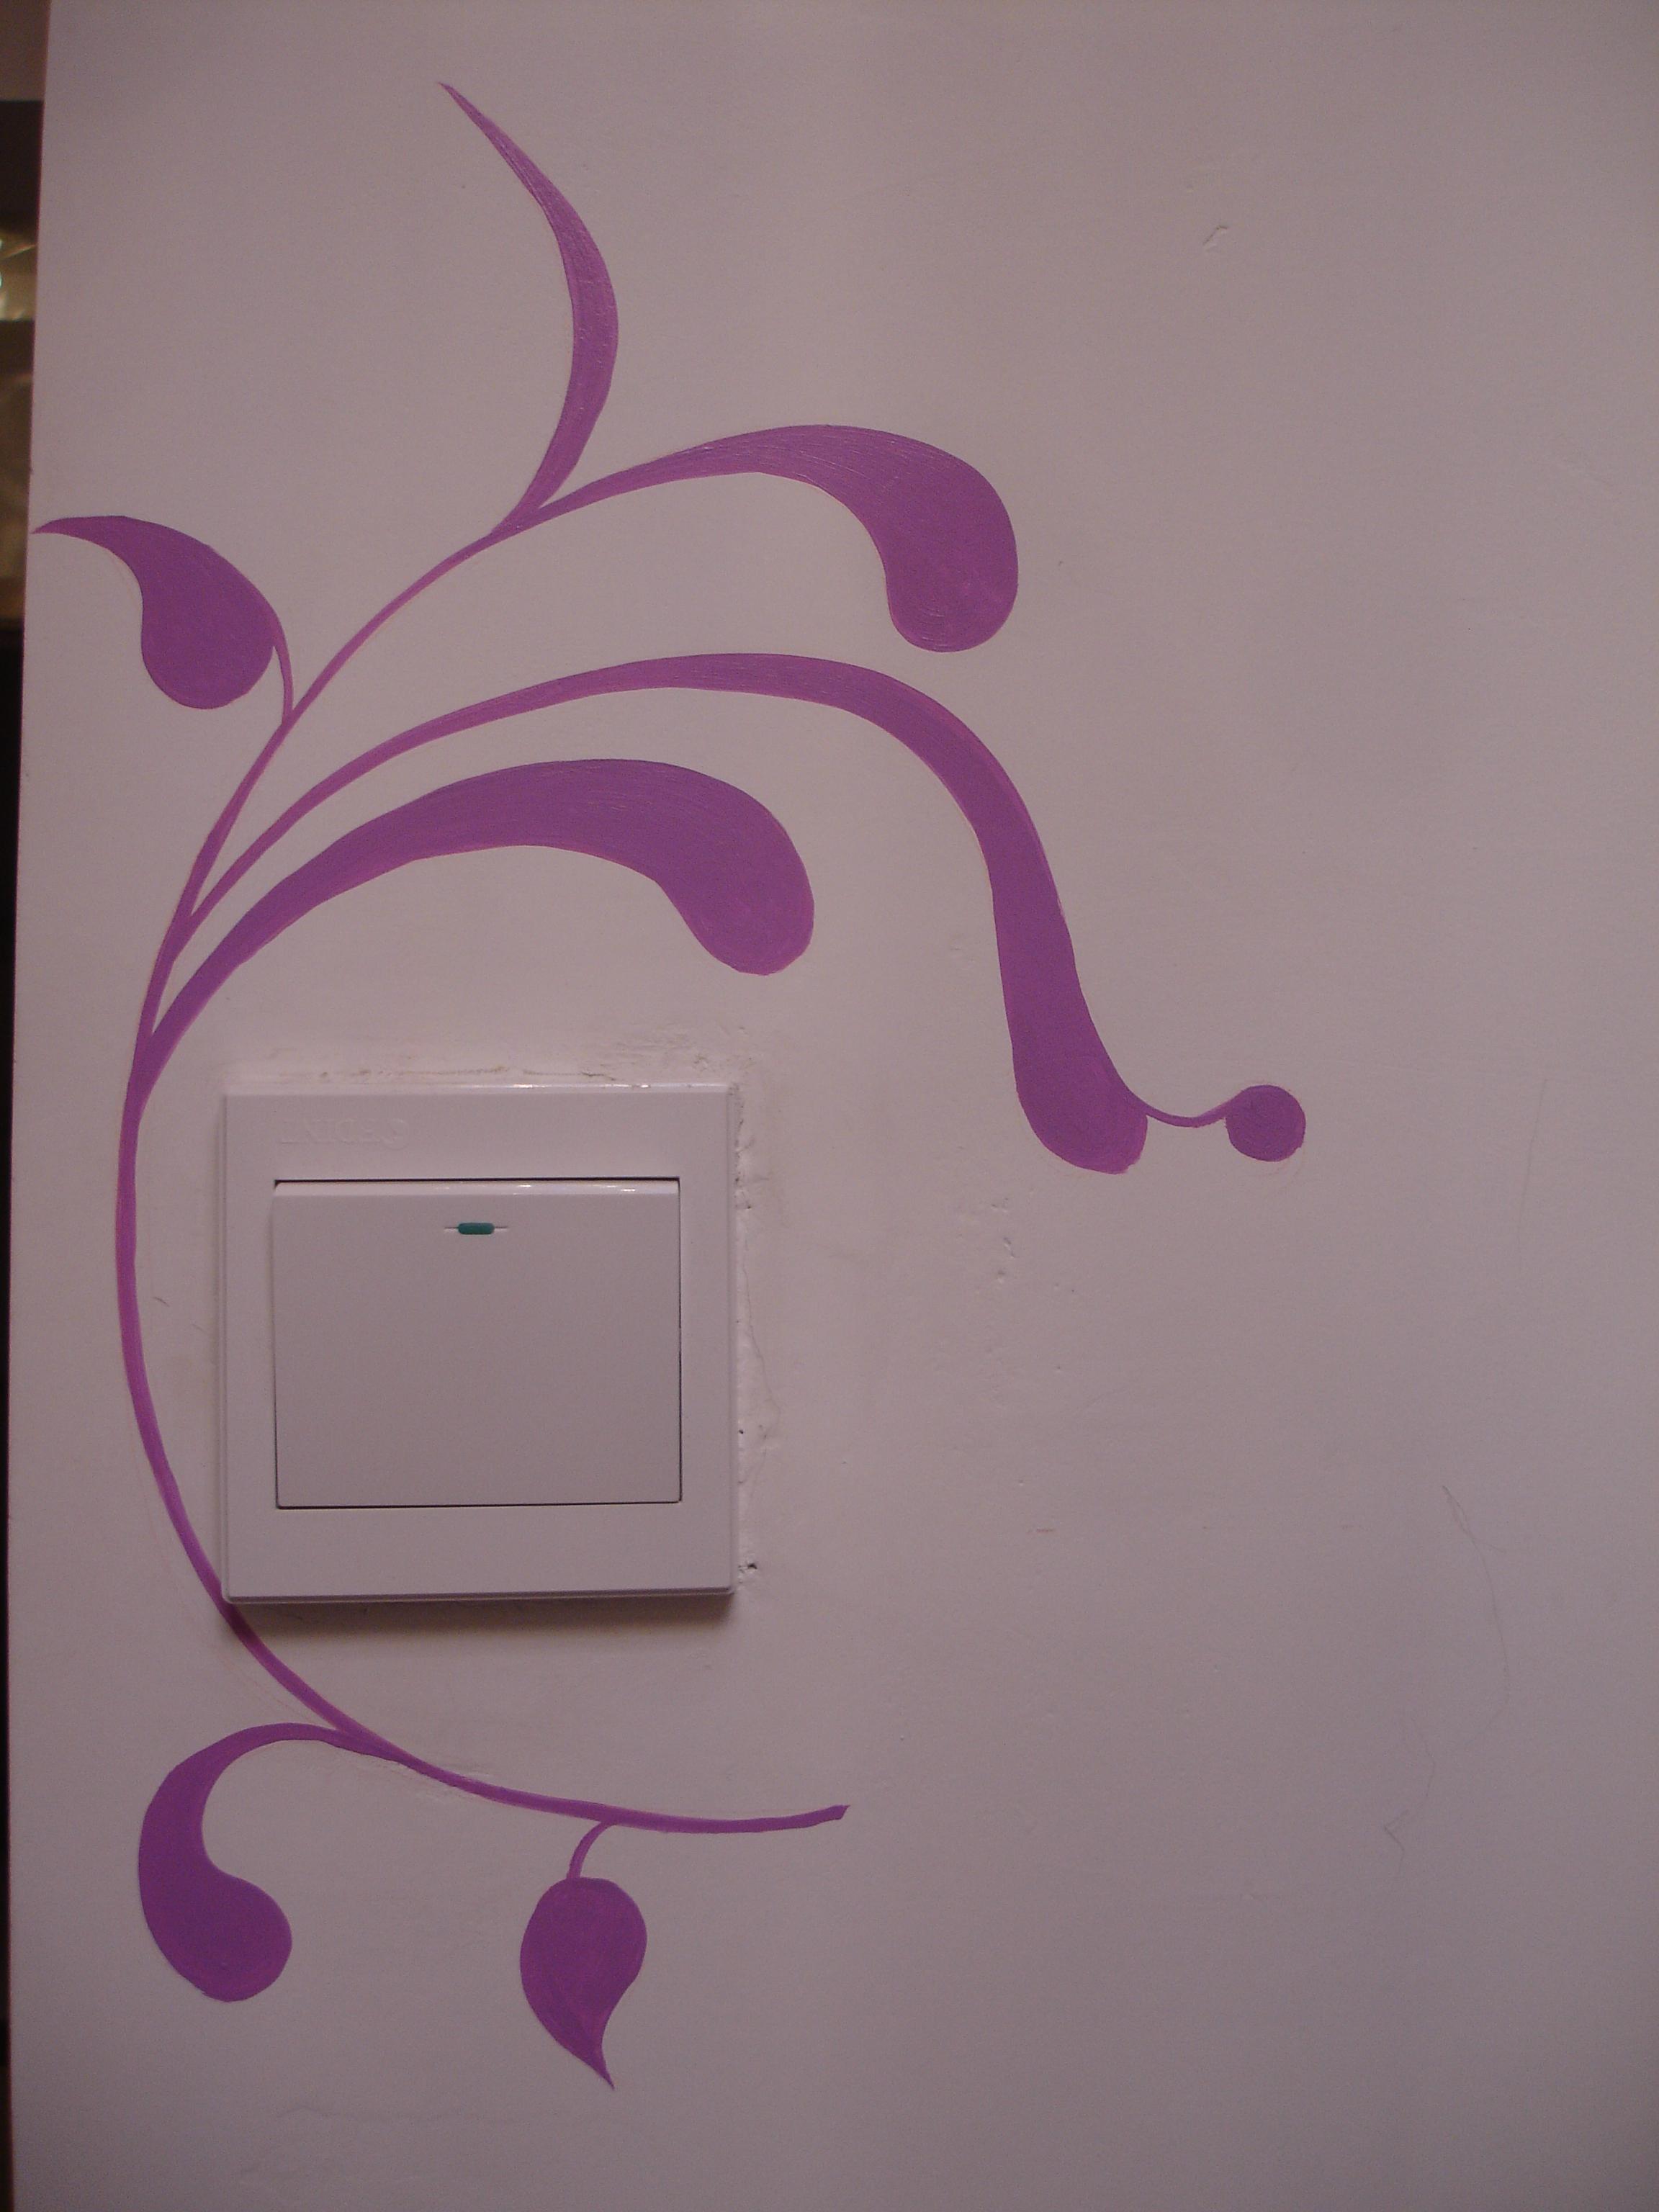 华豪丽晶的手绘墙-西安暖窝手绘墙制作